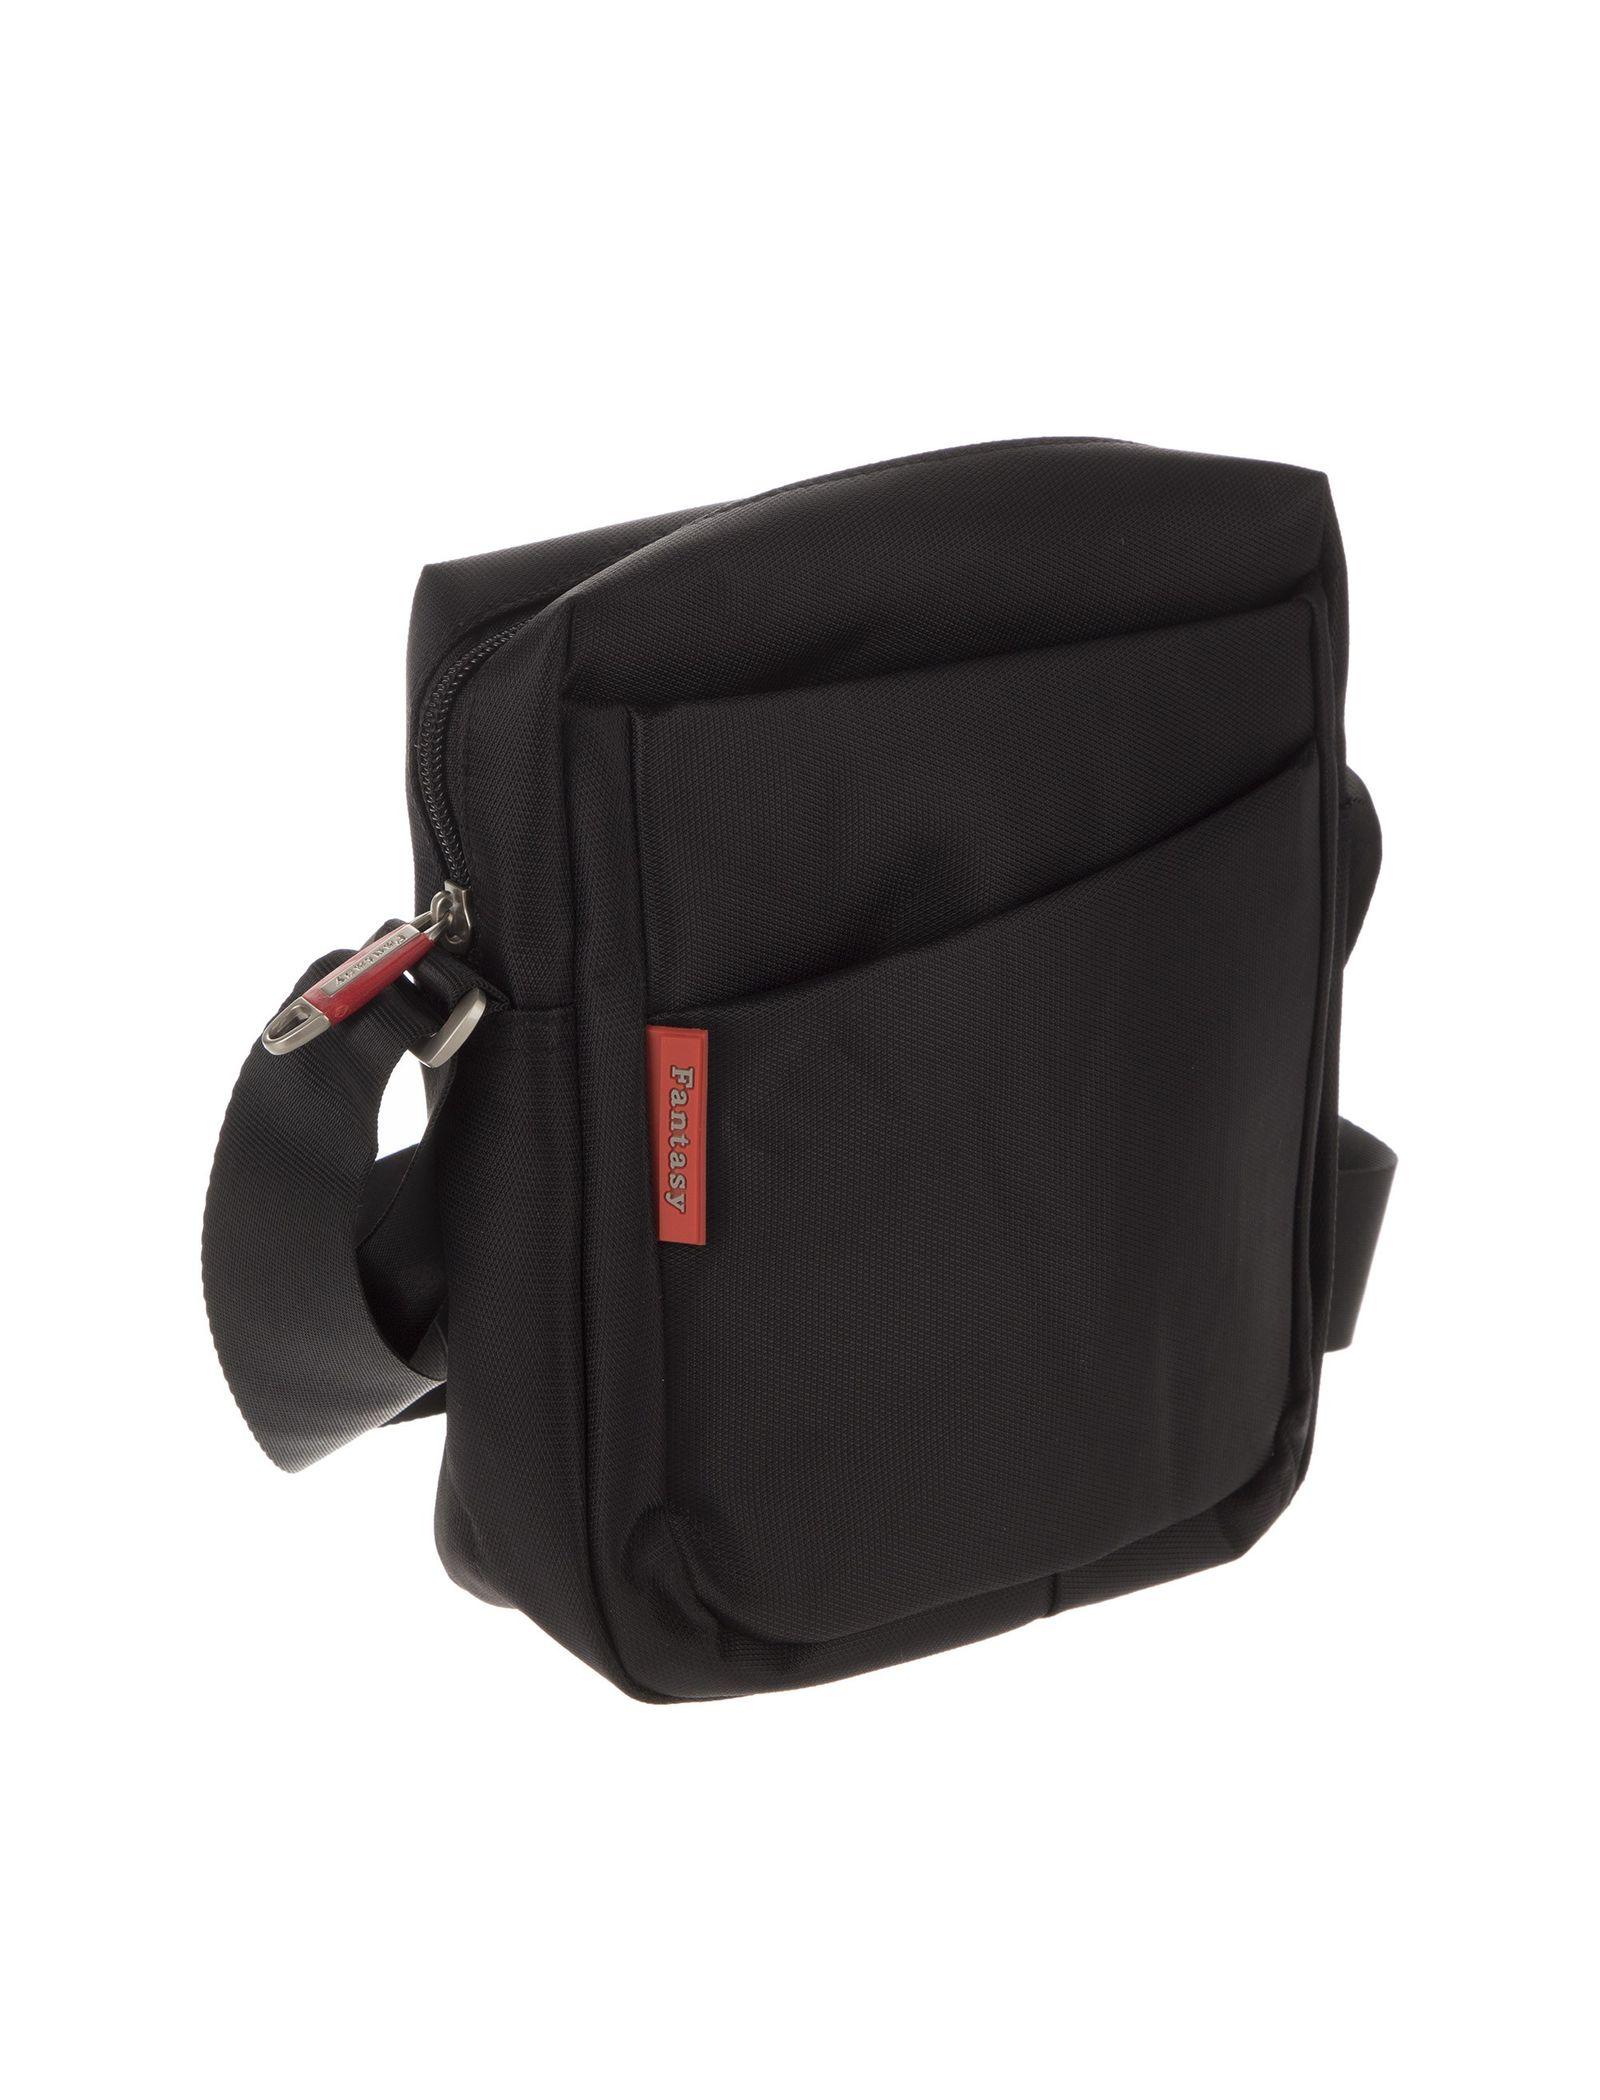 کیف دوشی روزمره بزرگسال - دادلین تک سایز - مشکي - 3